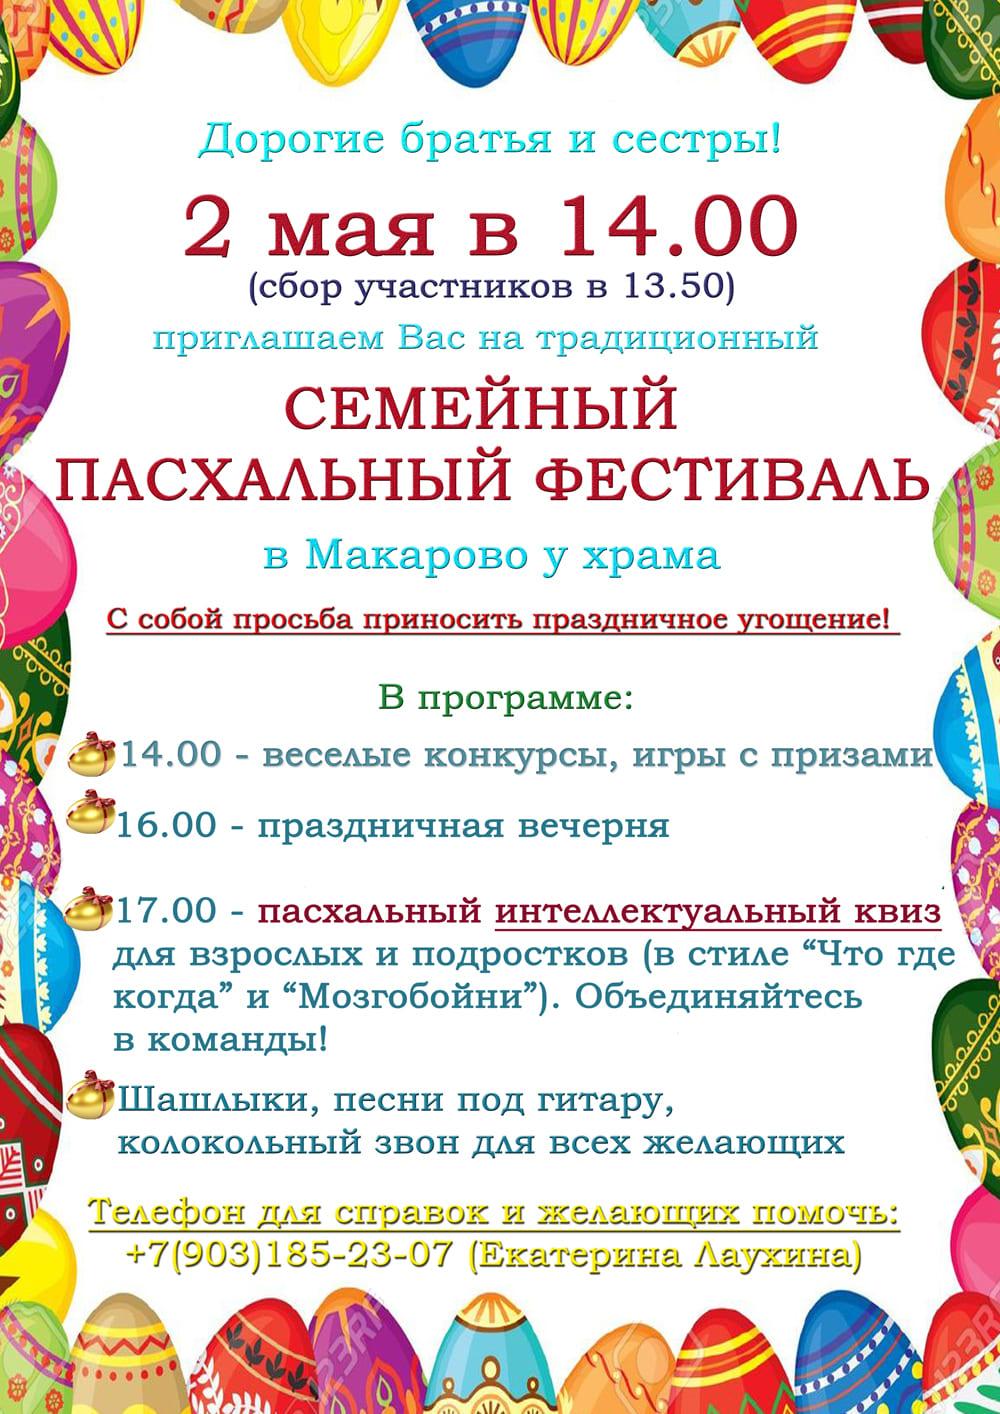 2 мая приглашаем Вас на традиционный Семейный пасхальный фестиваль в Макарово у храма